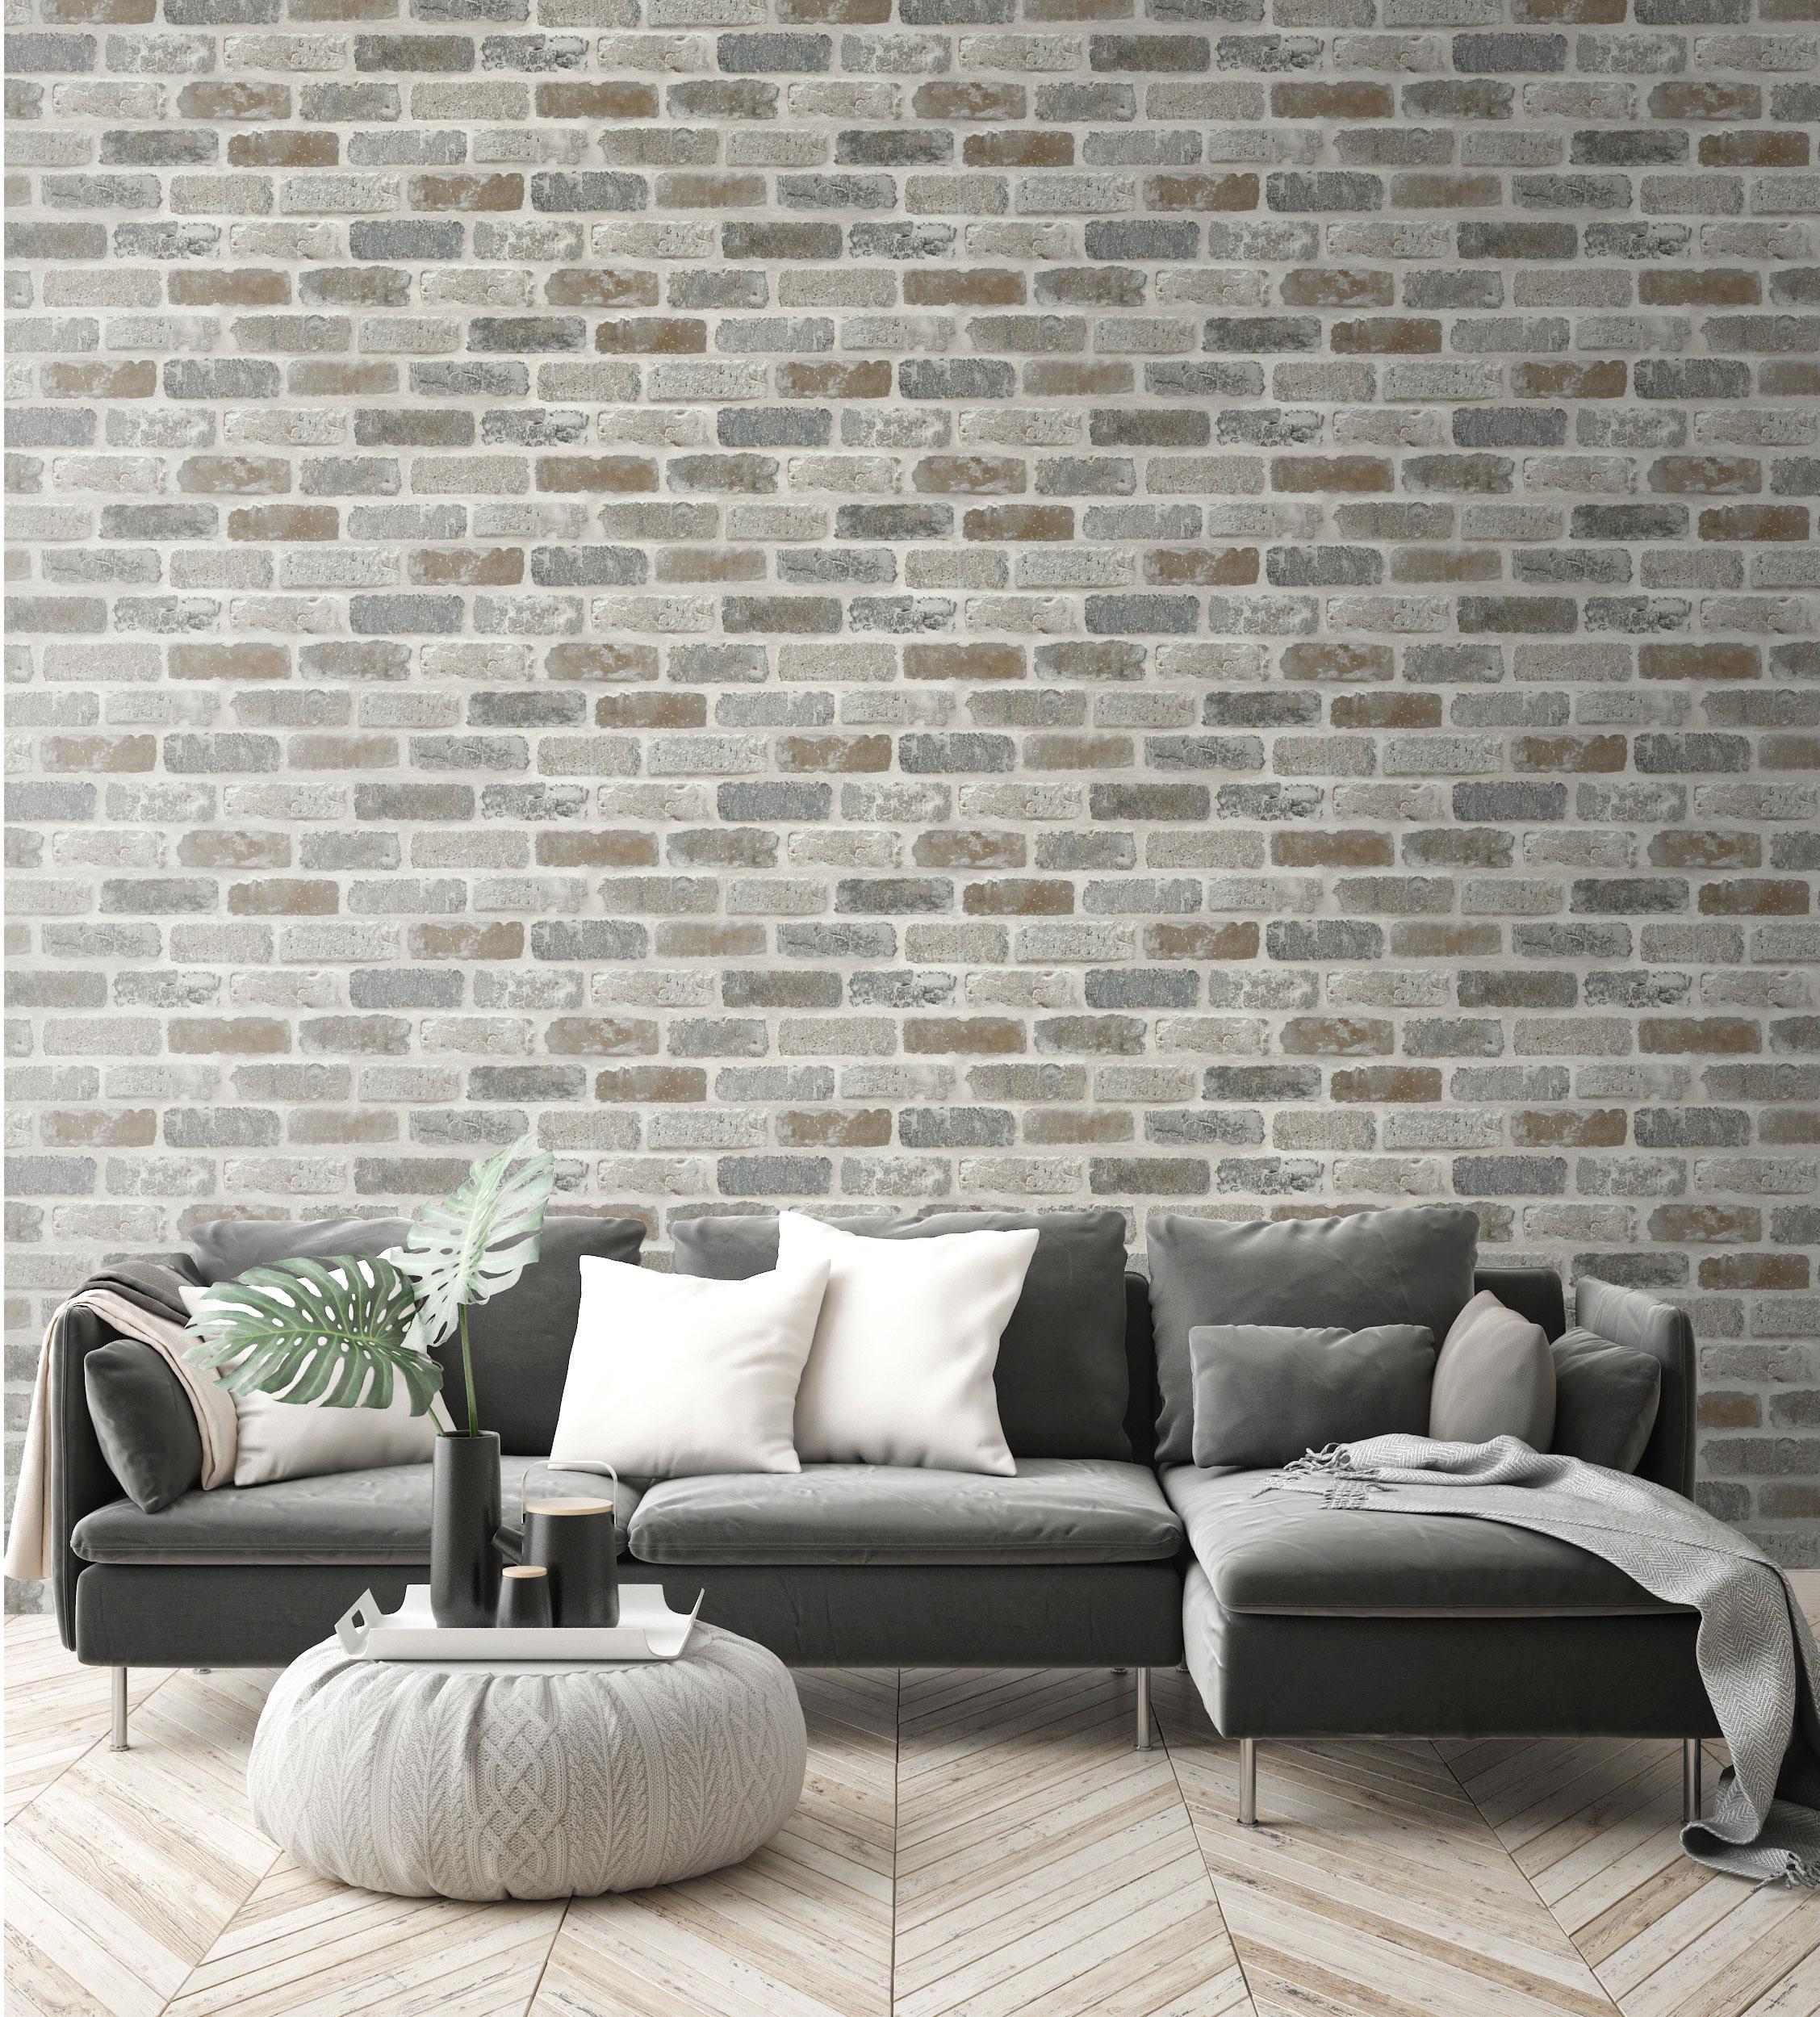 Rouleau adhésif décoratif Brique gris 52 cm x 10 cm